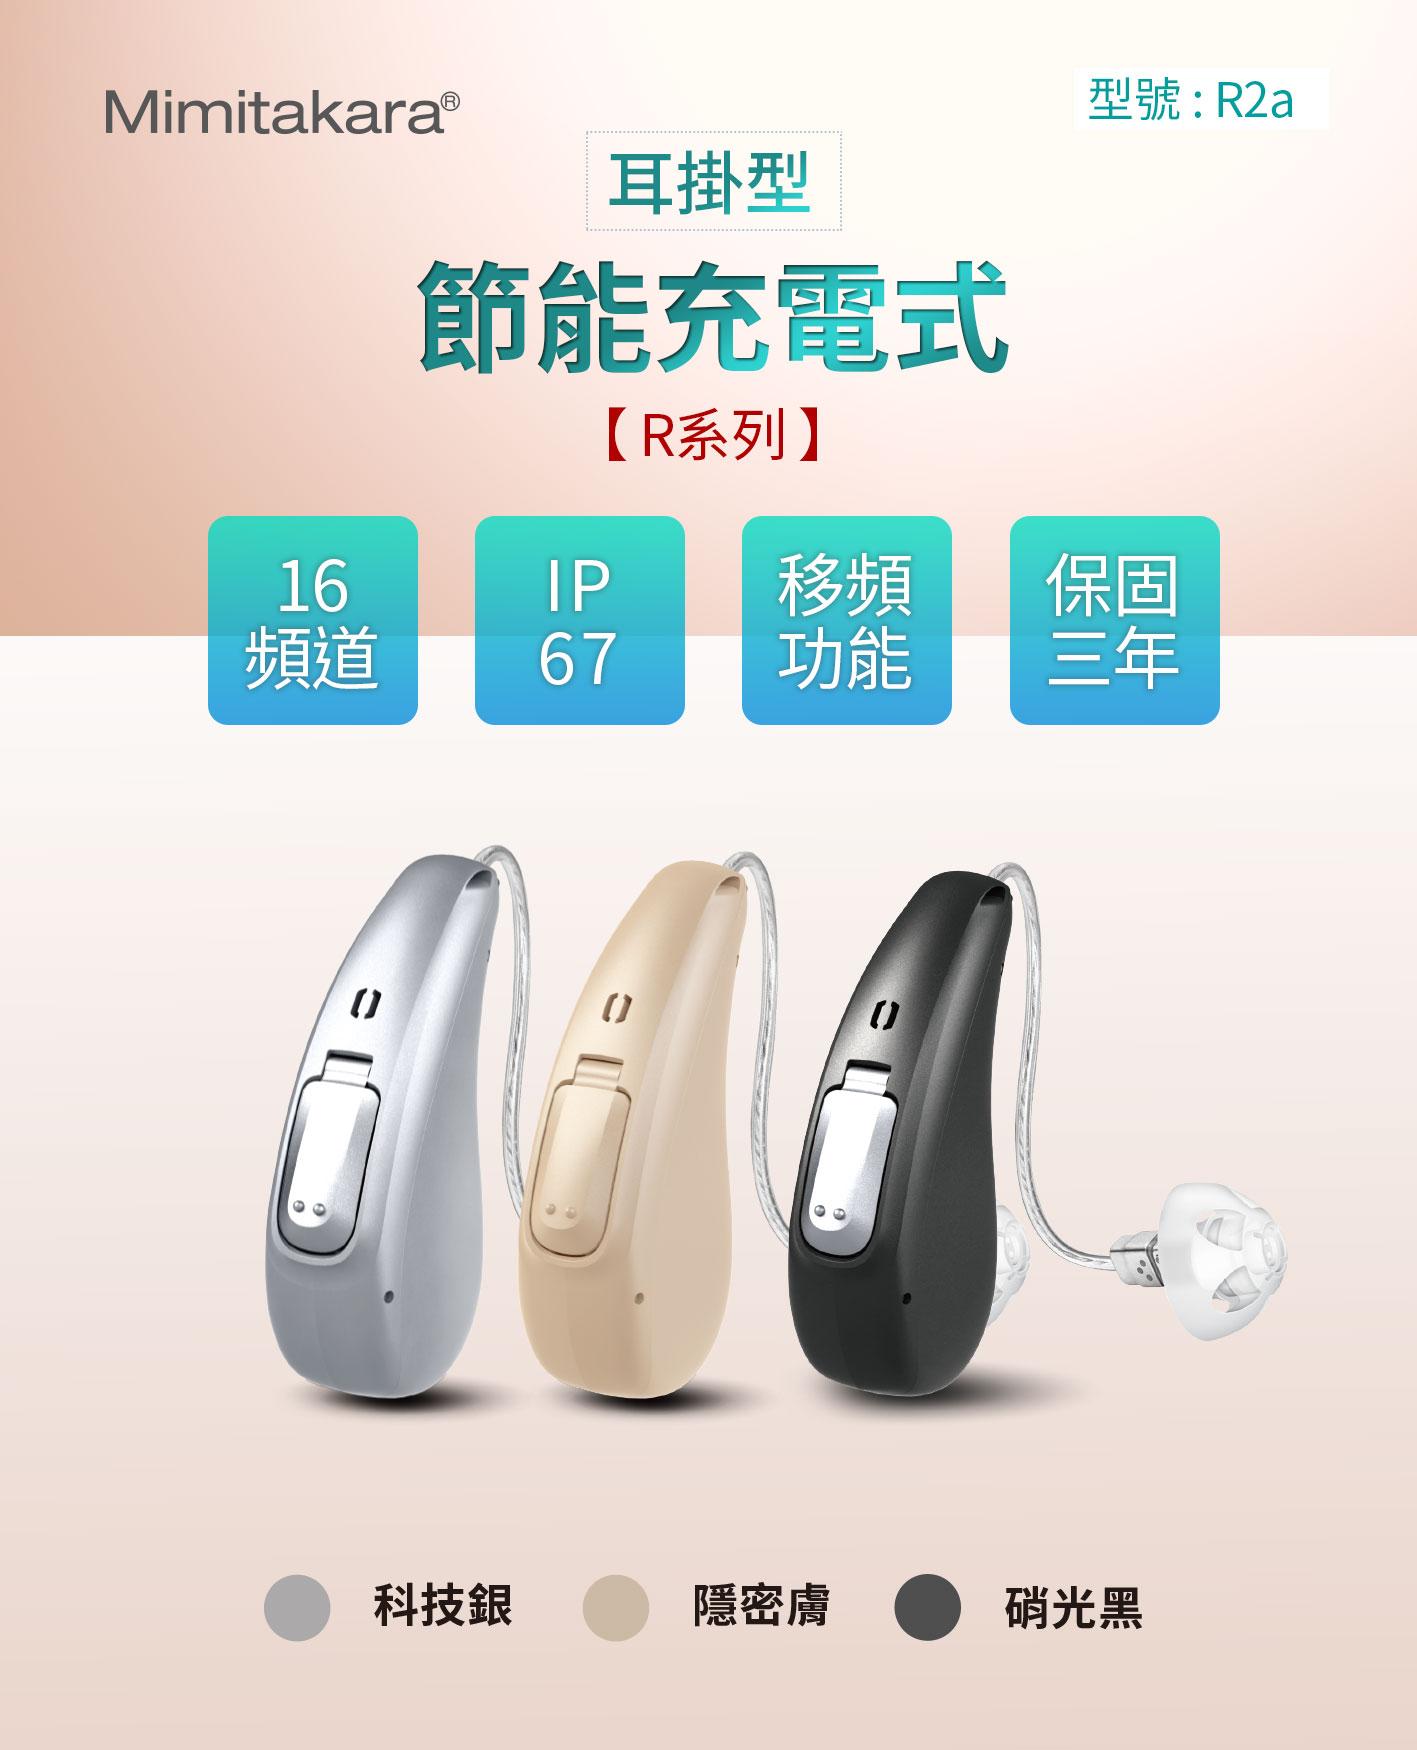 耳寶,R2a,補助資訊,助聽器